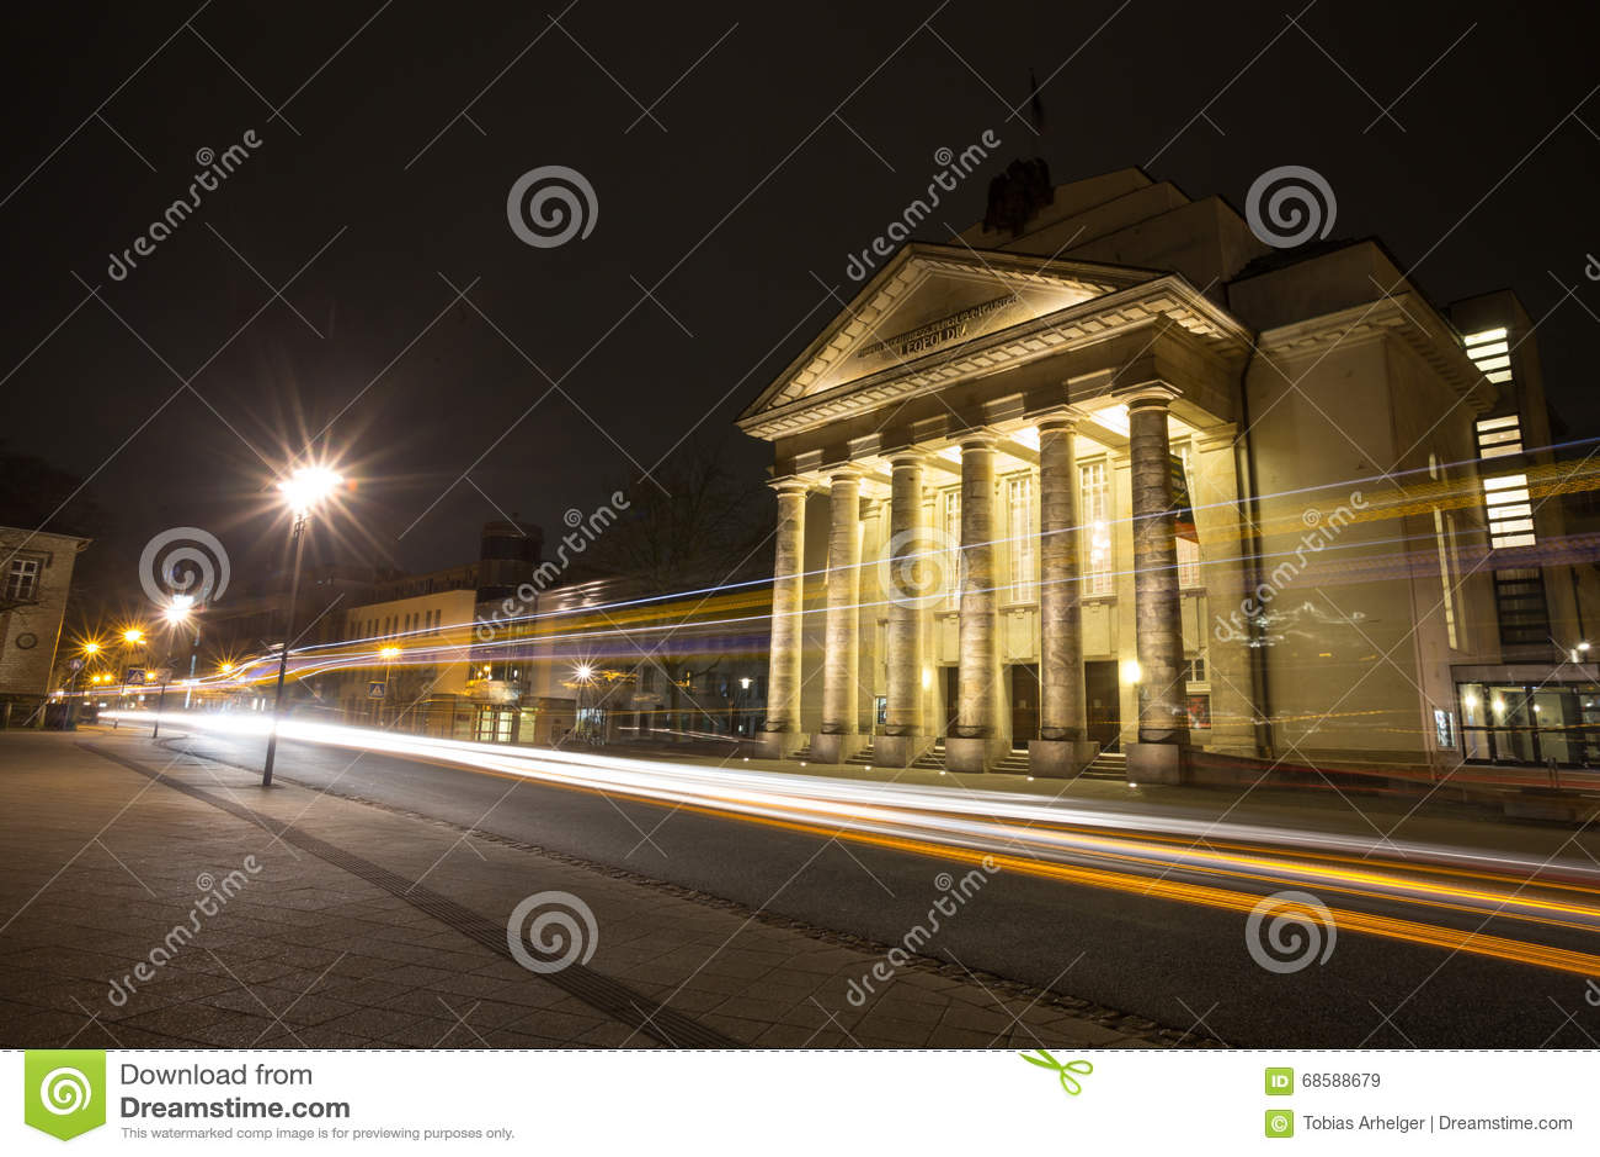 θέατρο detmold Γερμανία το βράδυ με τους φωτεινούς σηματοδότες